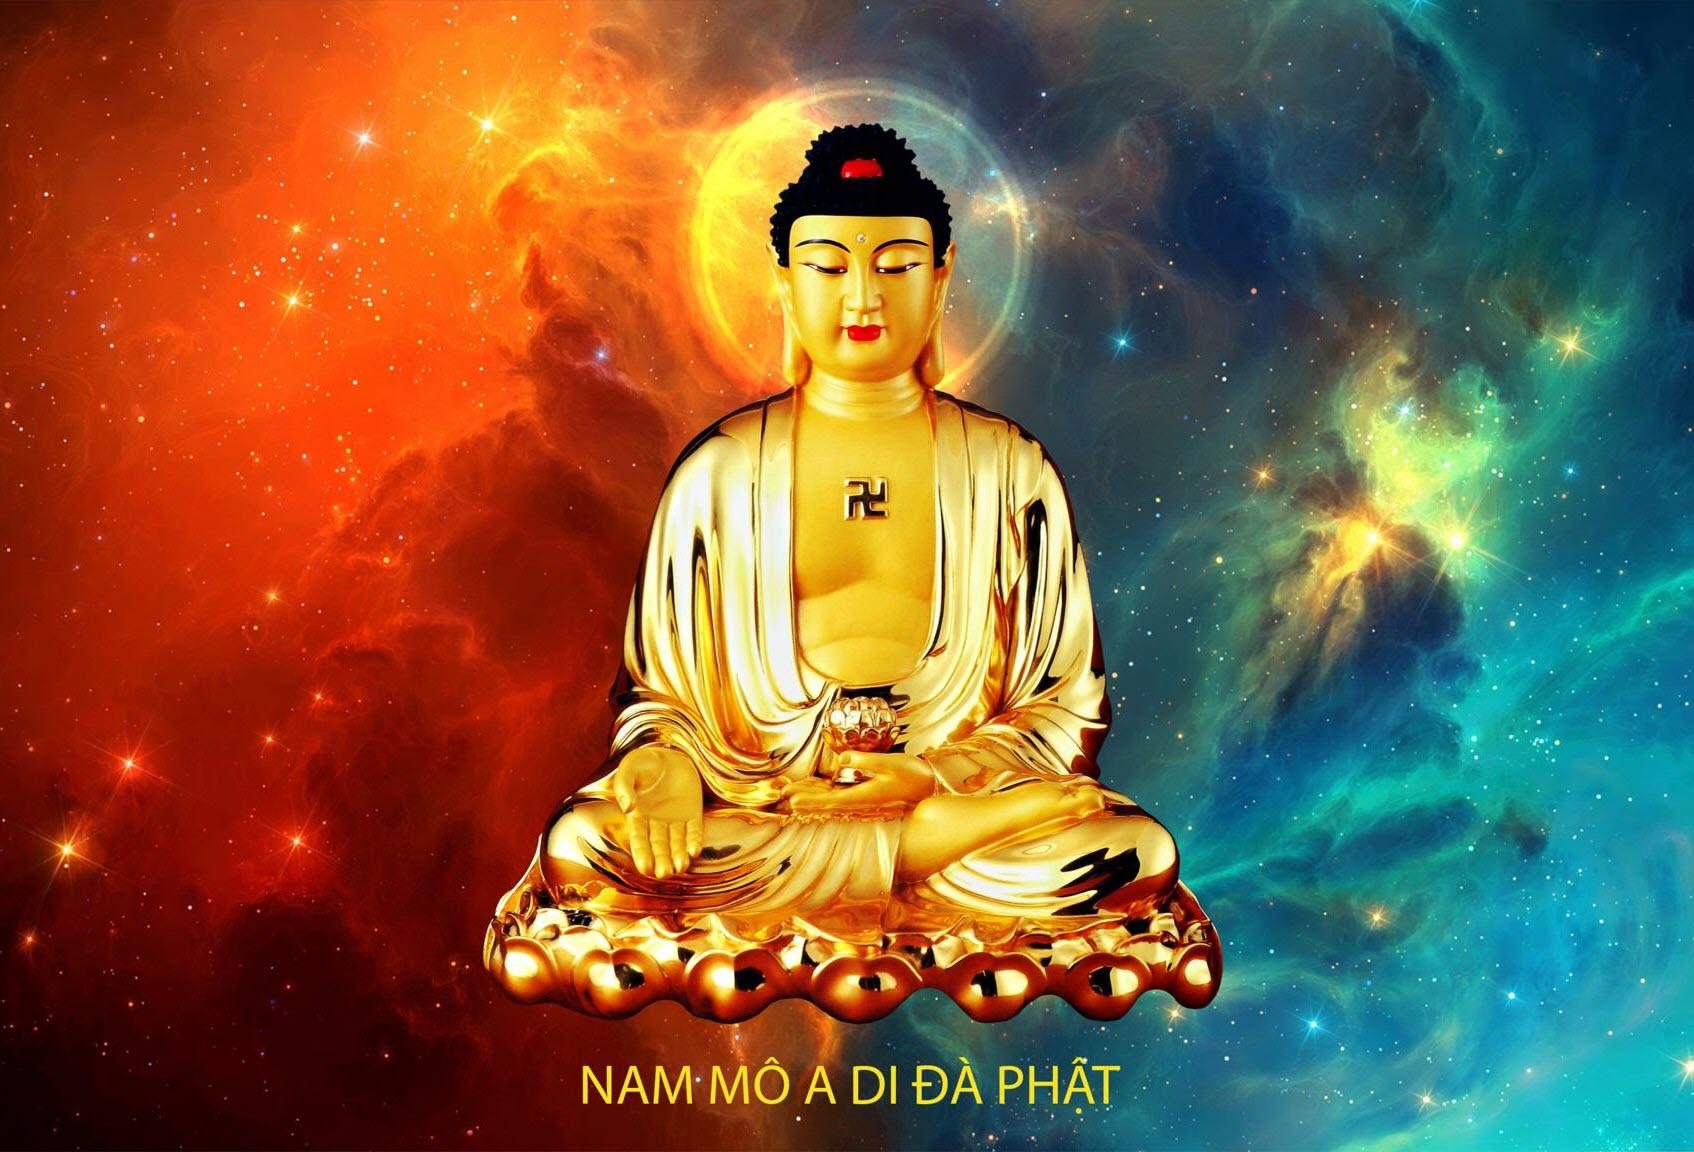 Ảnh Phật Thích Ca Mâu Ni